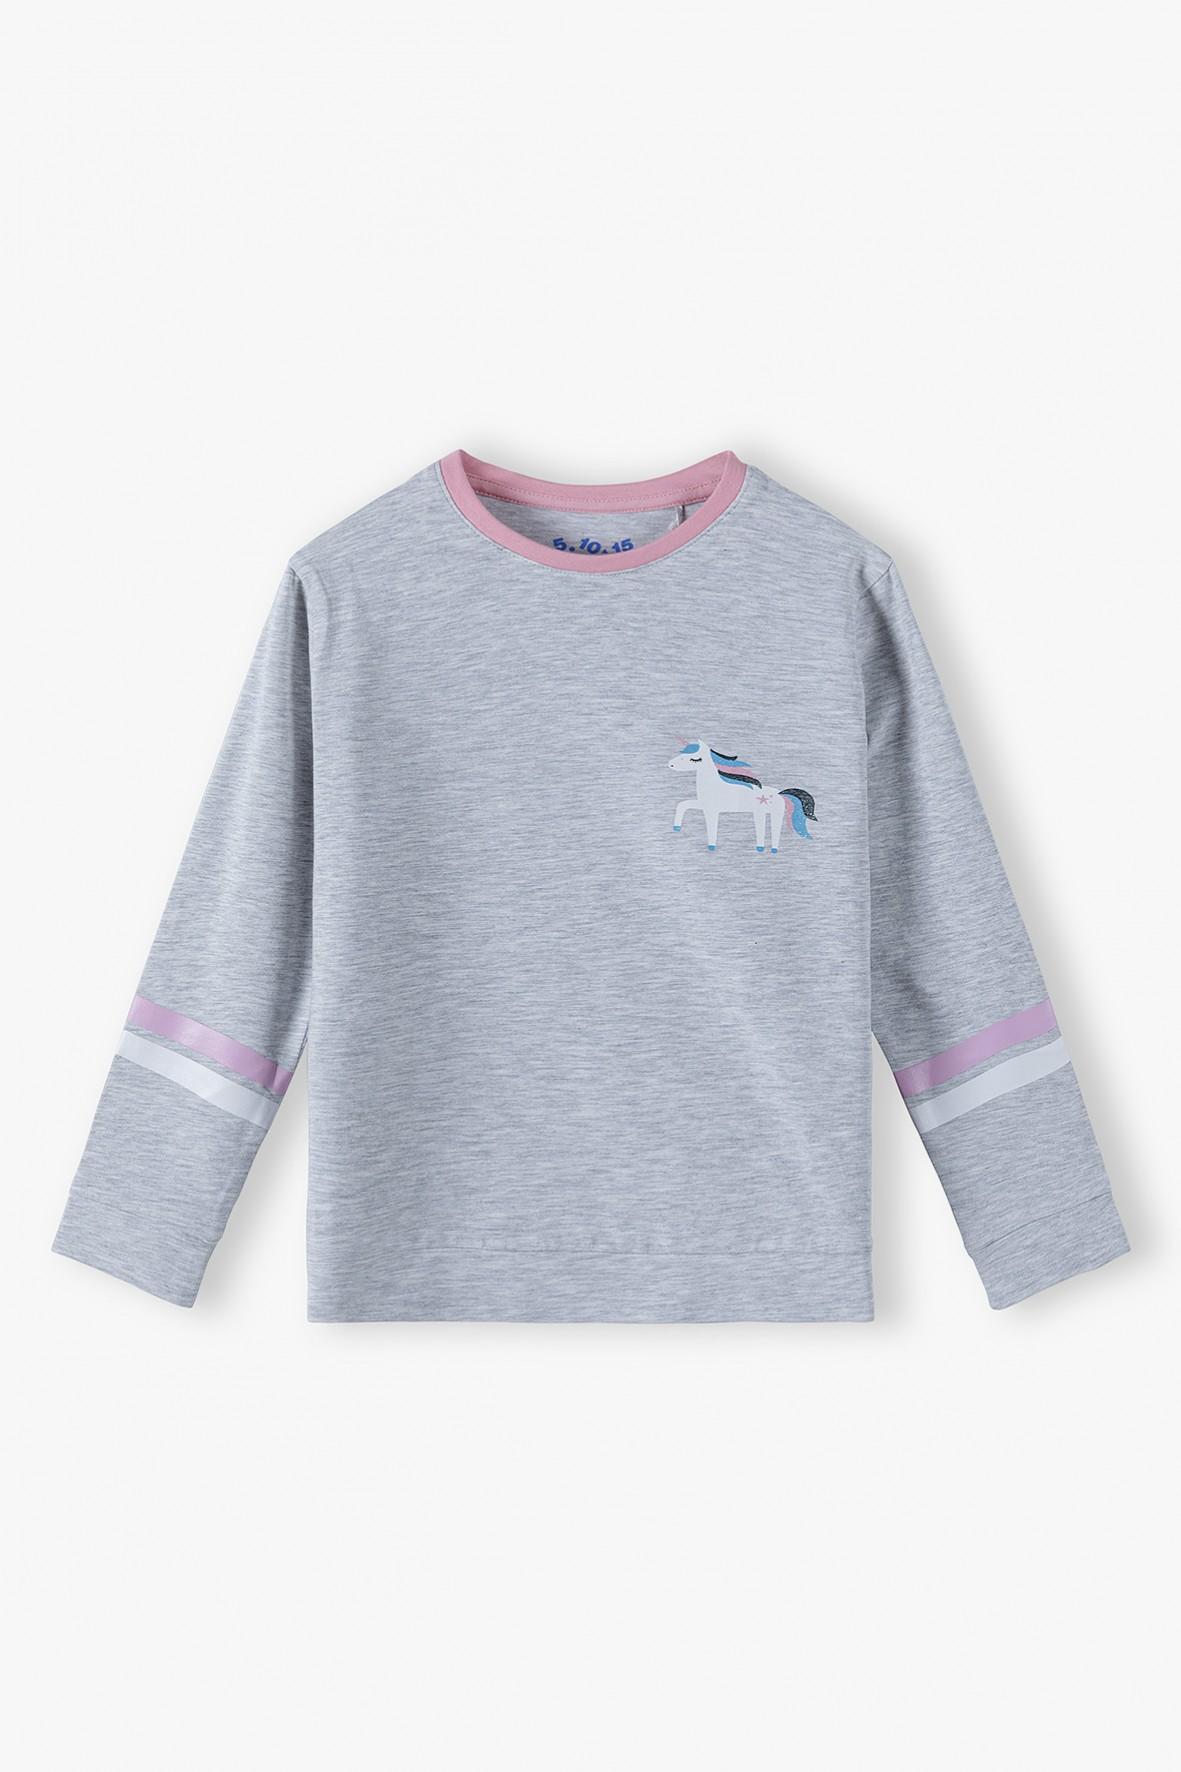 Bawełniana szara bluzka dziewczęca z jednorożcem